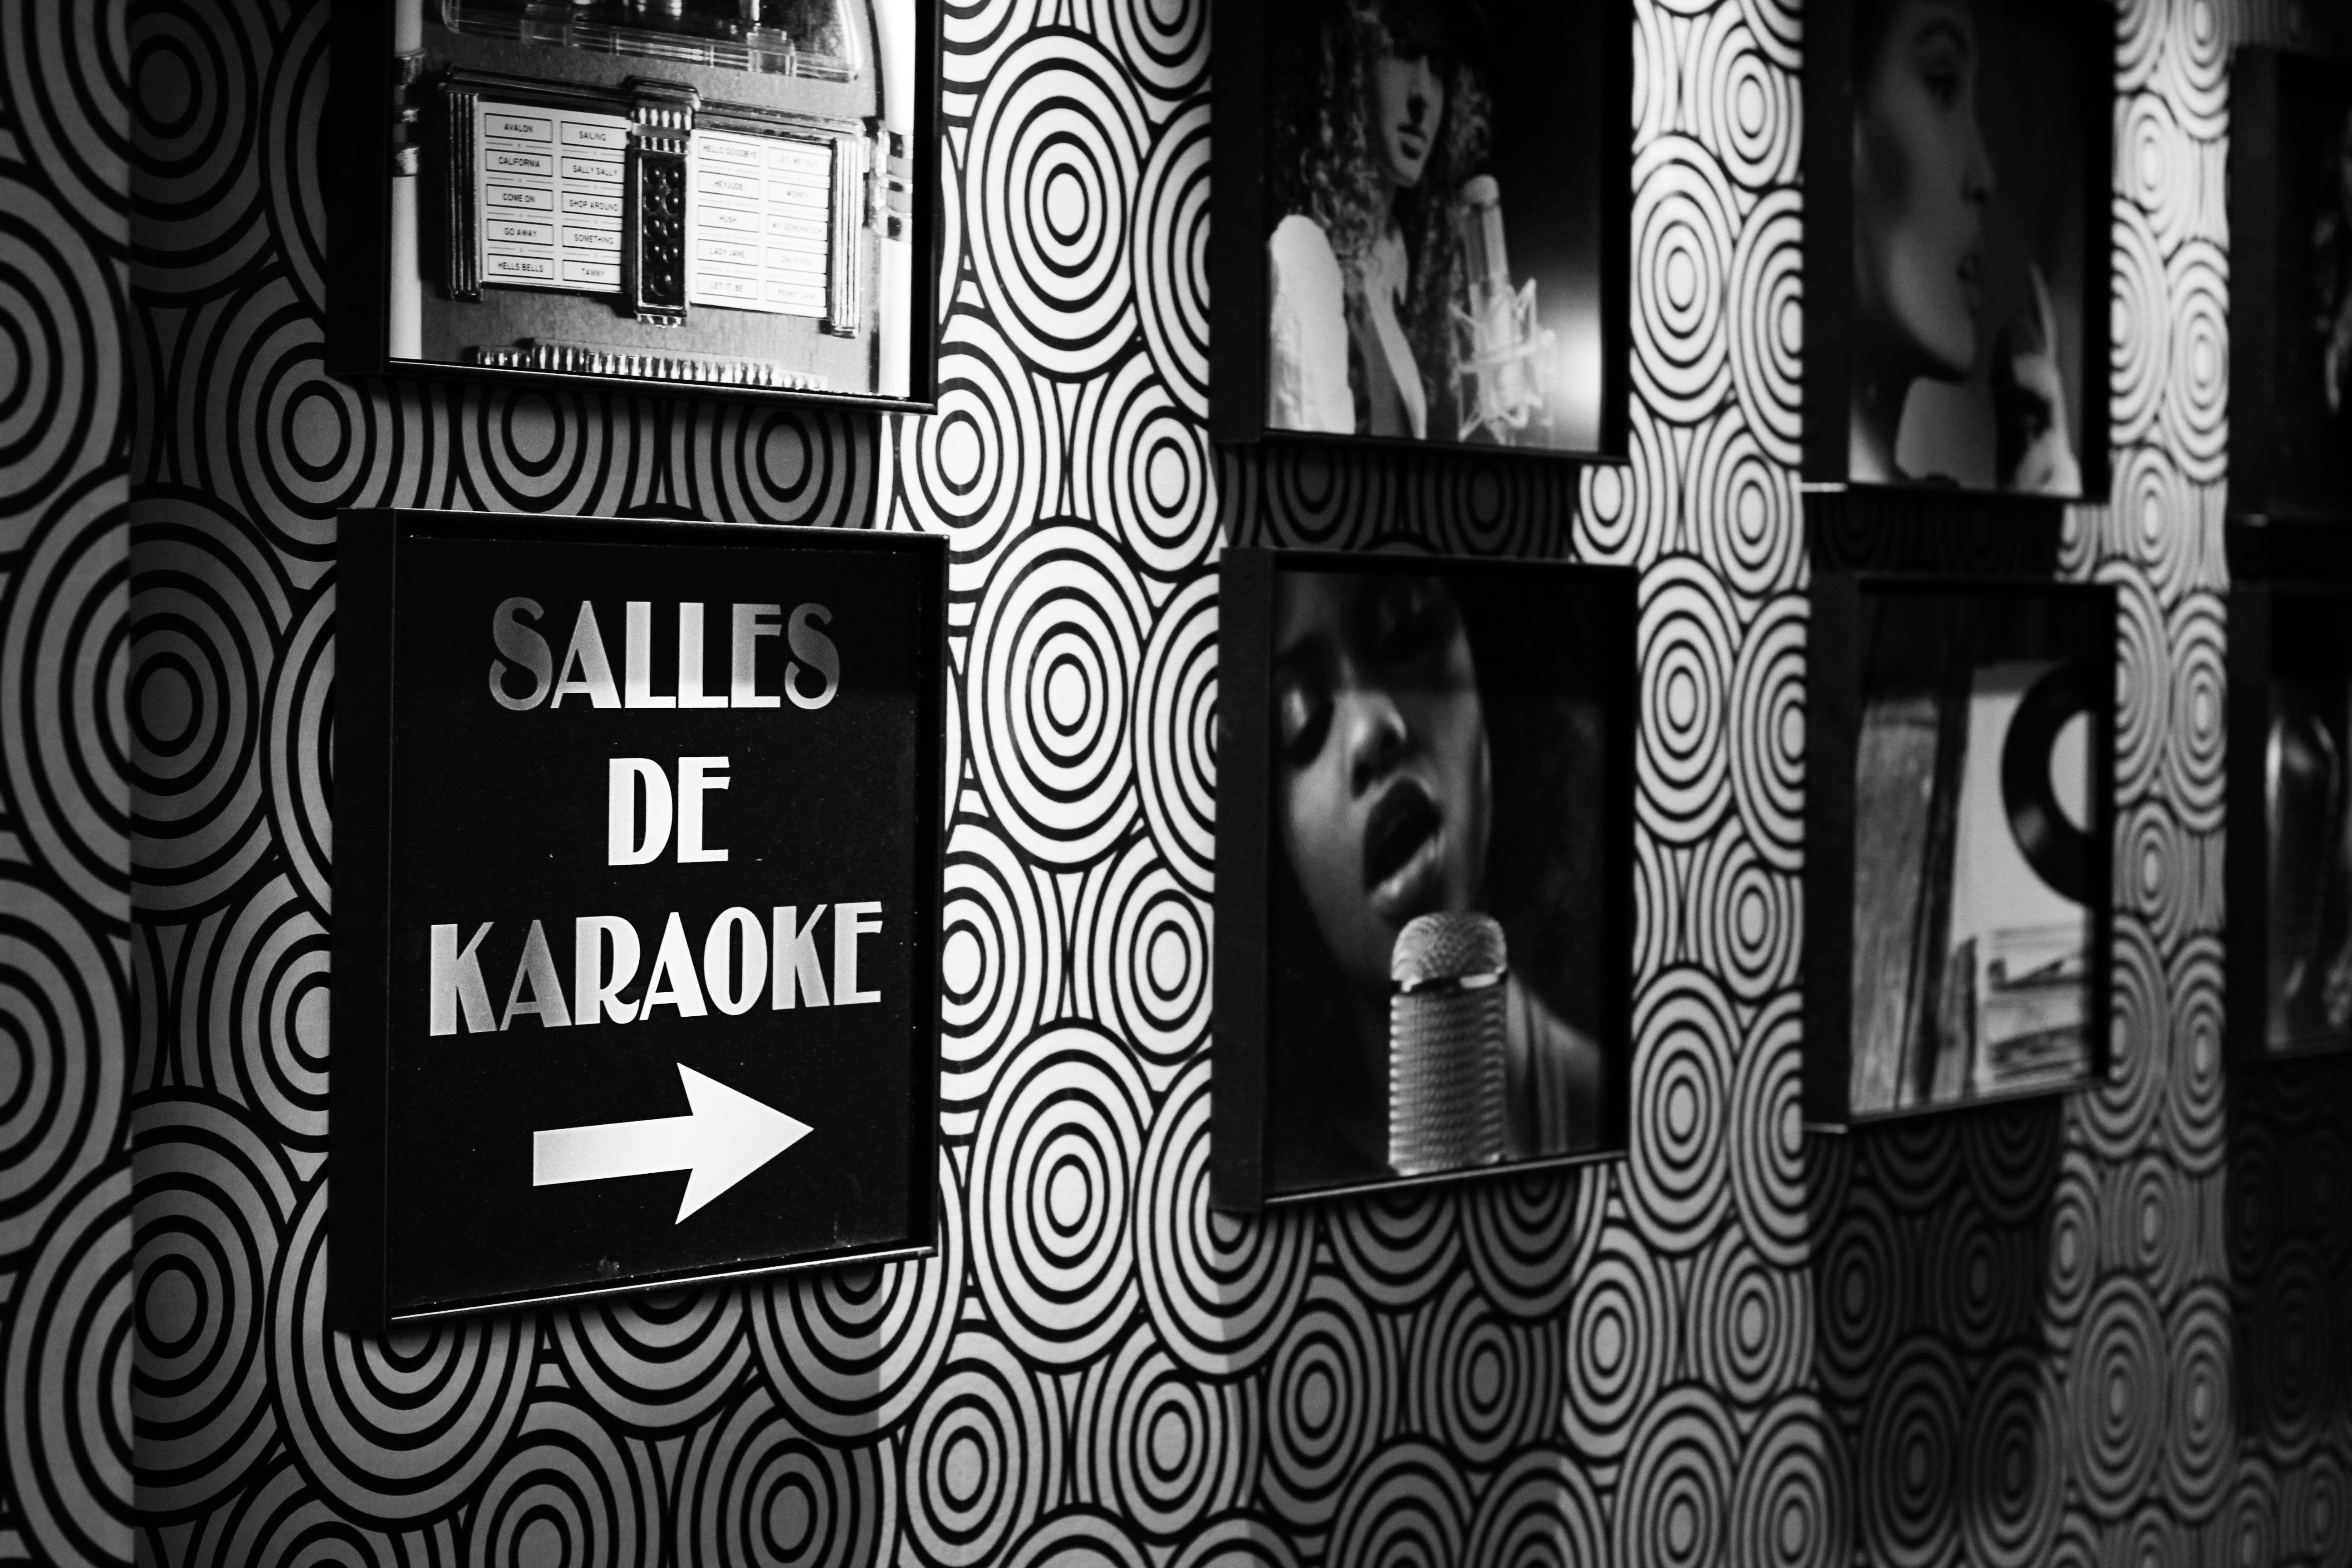 singing-studio-karaoke-privatif-lille-chicon-choc-blog-de-bonnes-adresses-lilloises